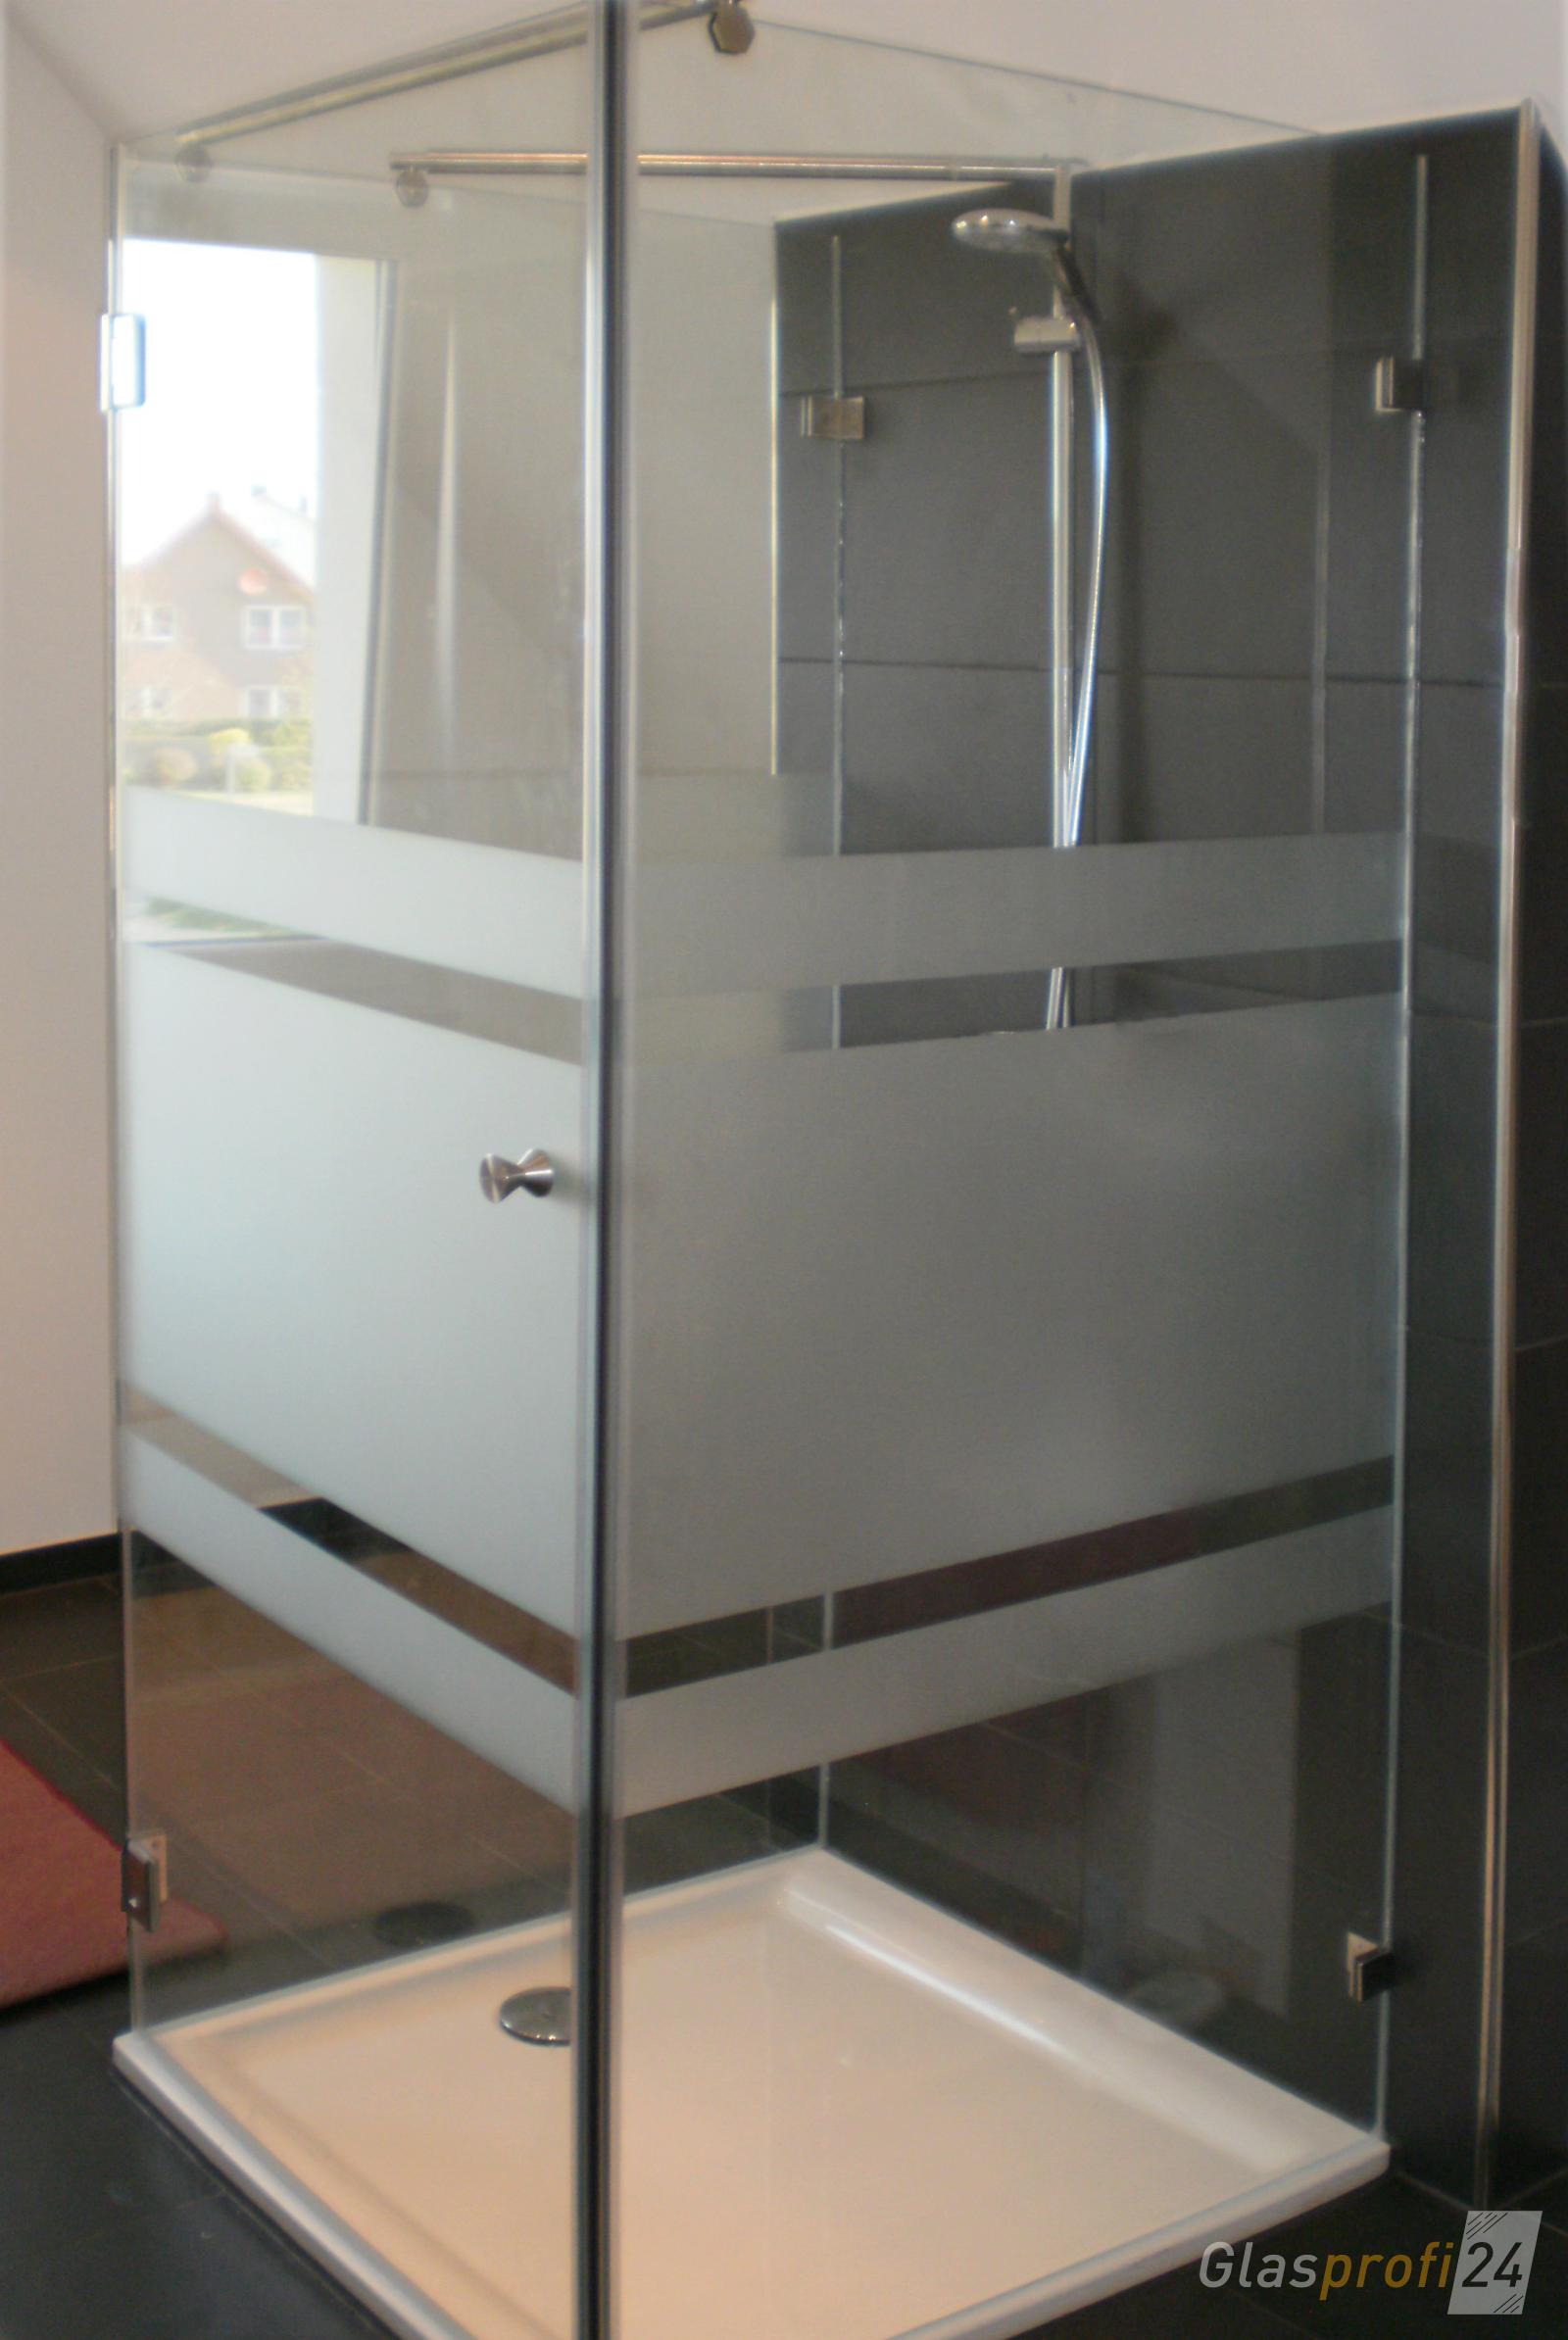 Full Size of Dusche 90x90 Duschkabine U Form Aus Glas Glasprofi24 Walk In Hsk Duschen Begehbare Glaswand Fliesen Für Hüppe Badewanne Mit Tür Und Ebenerdig Bodengleiche Dusche Dusche 90x90